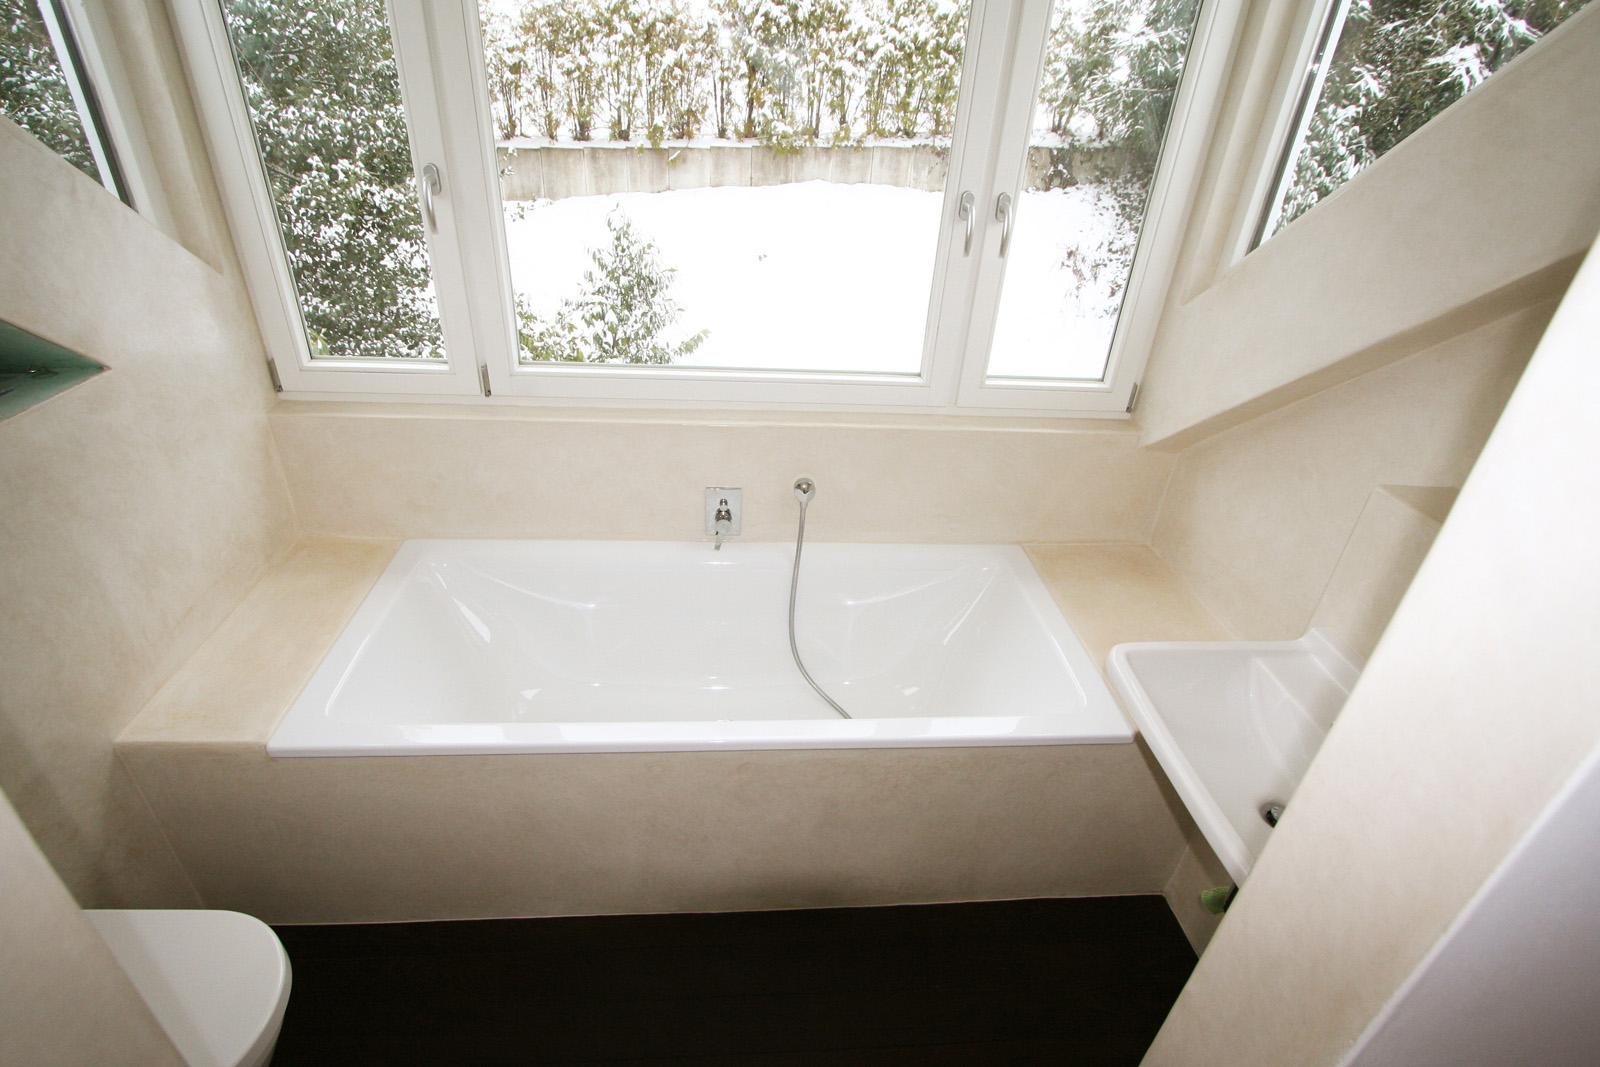 Tadelaktbad In Naturfarben. Hier Wurde Die Kalkputztechnik Tadelakt In  Hellen Naturtönen Gehalten. Das Kleine Bad Wirkt Heirdurch Licht Und  Geräumig.